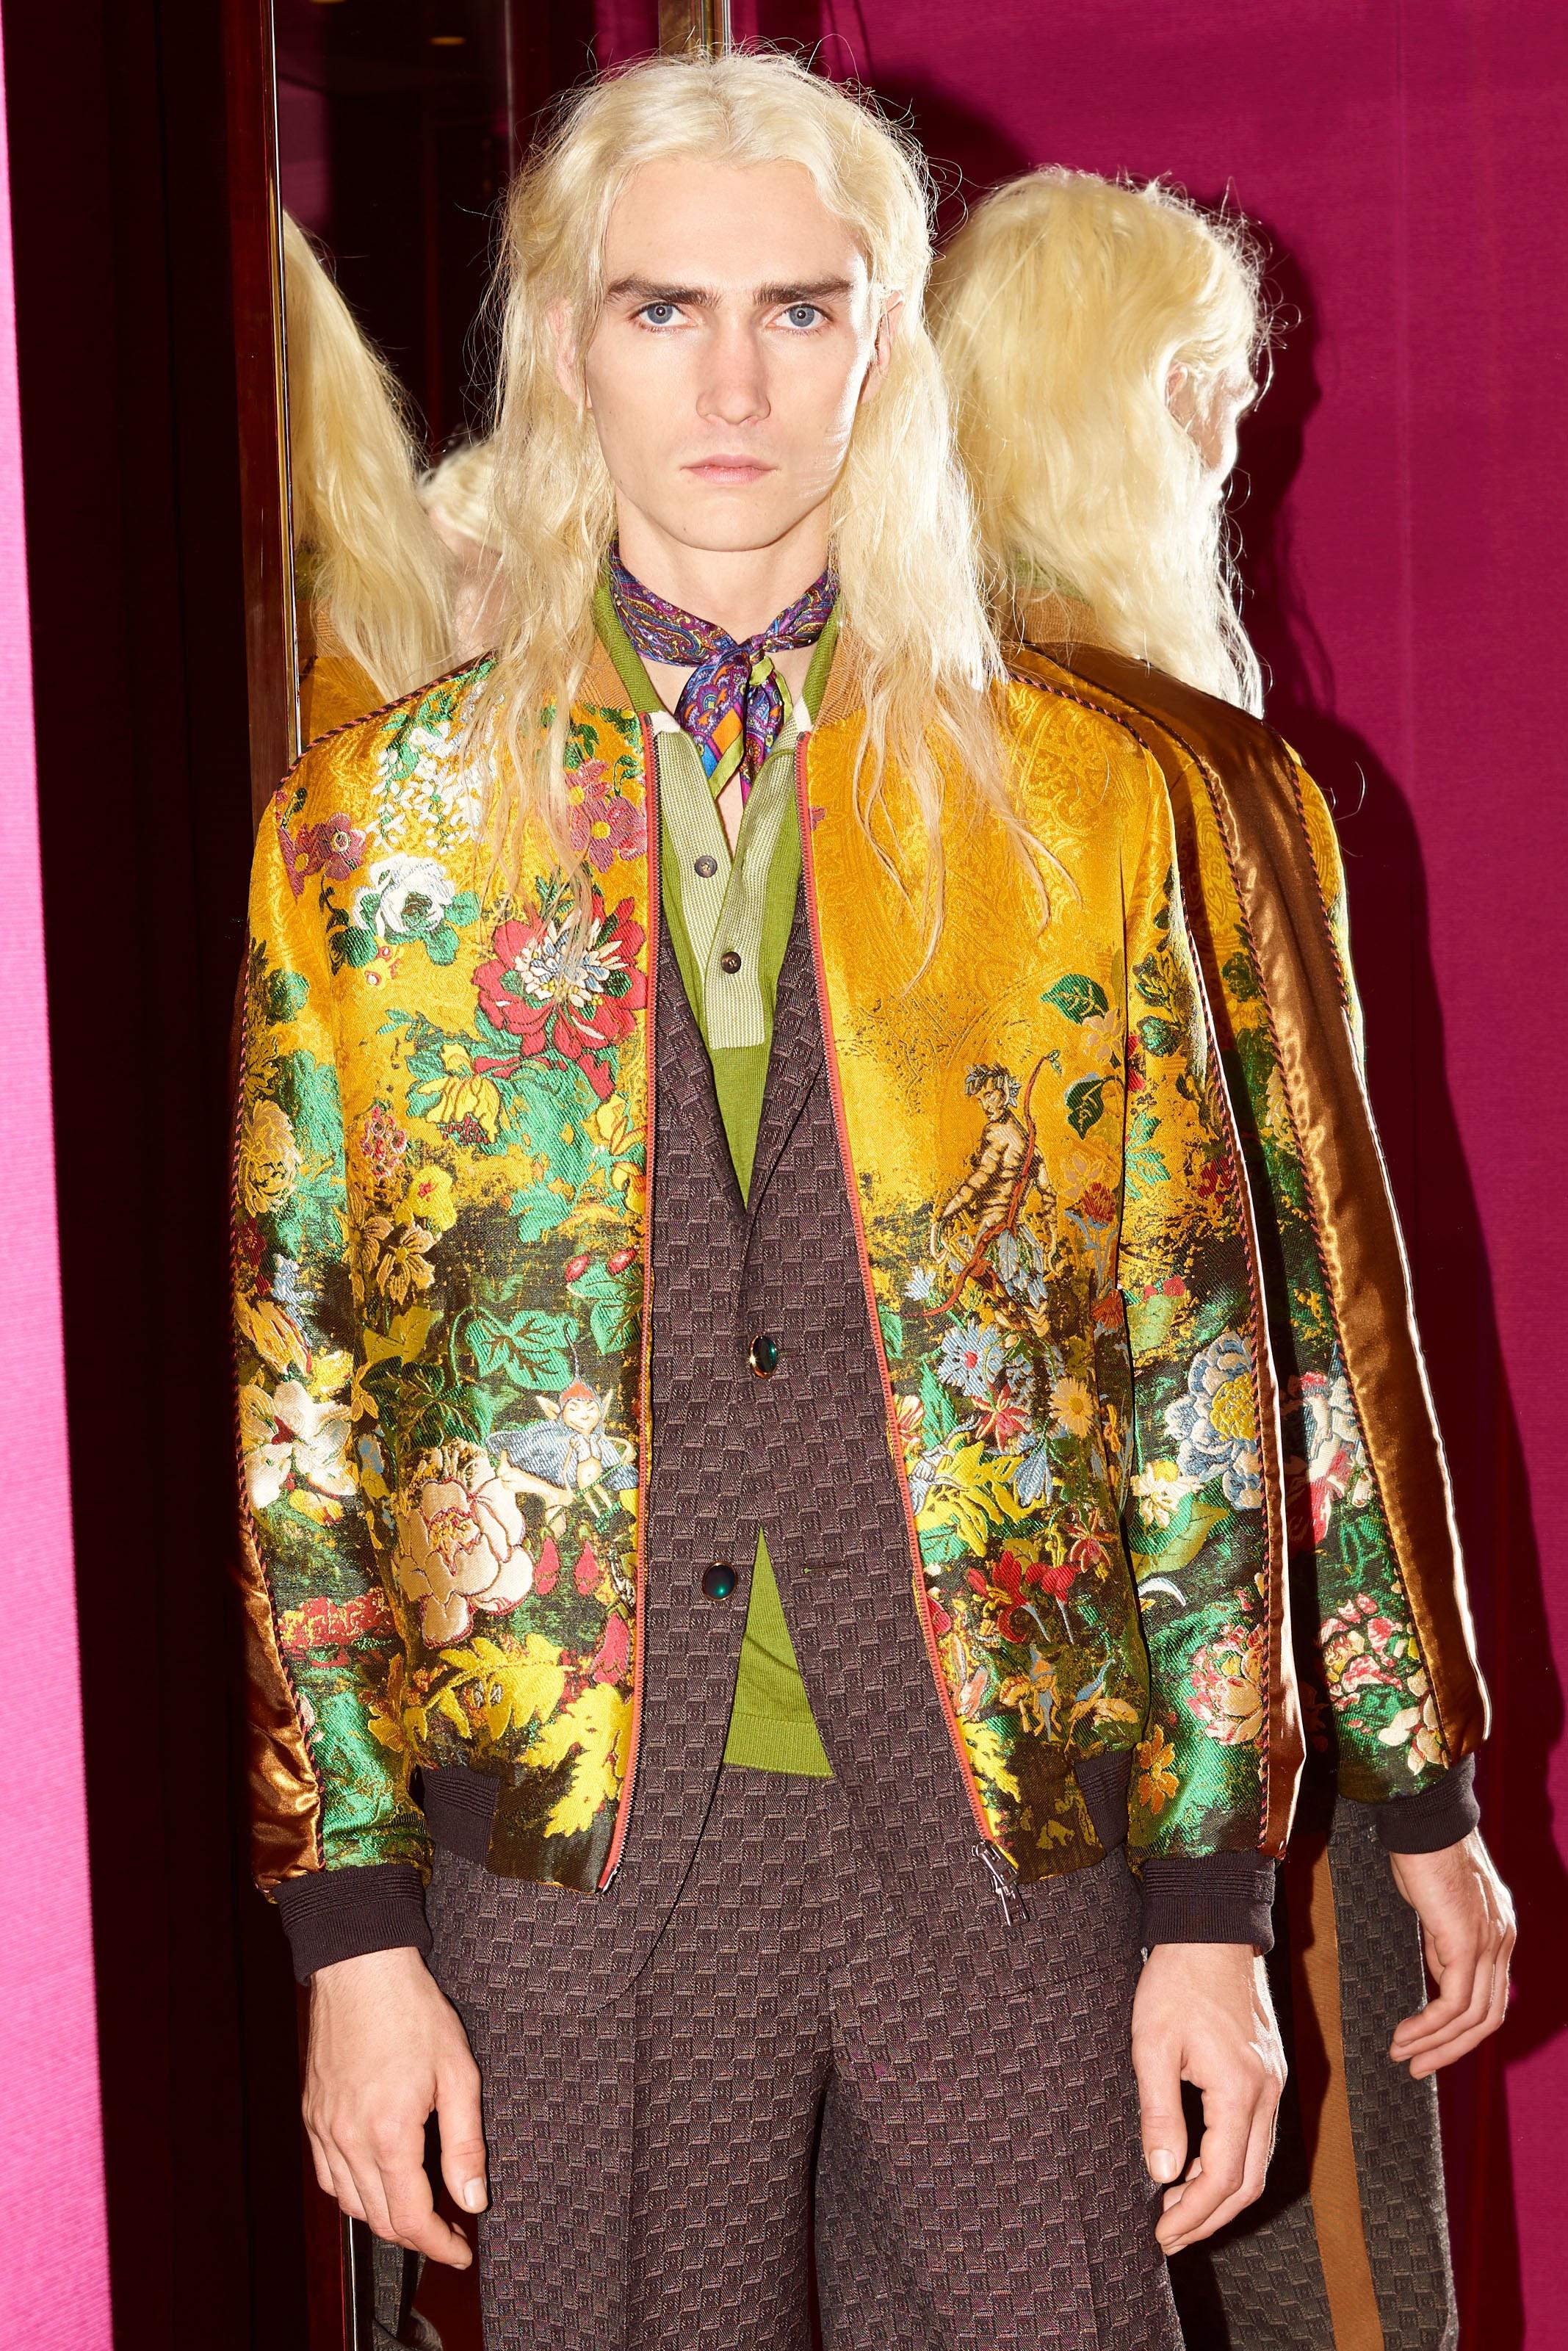 Etro - That jacket!